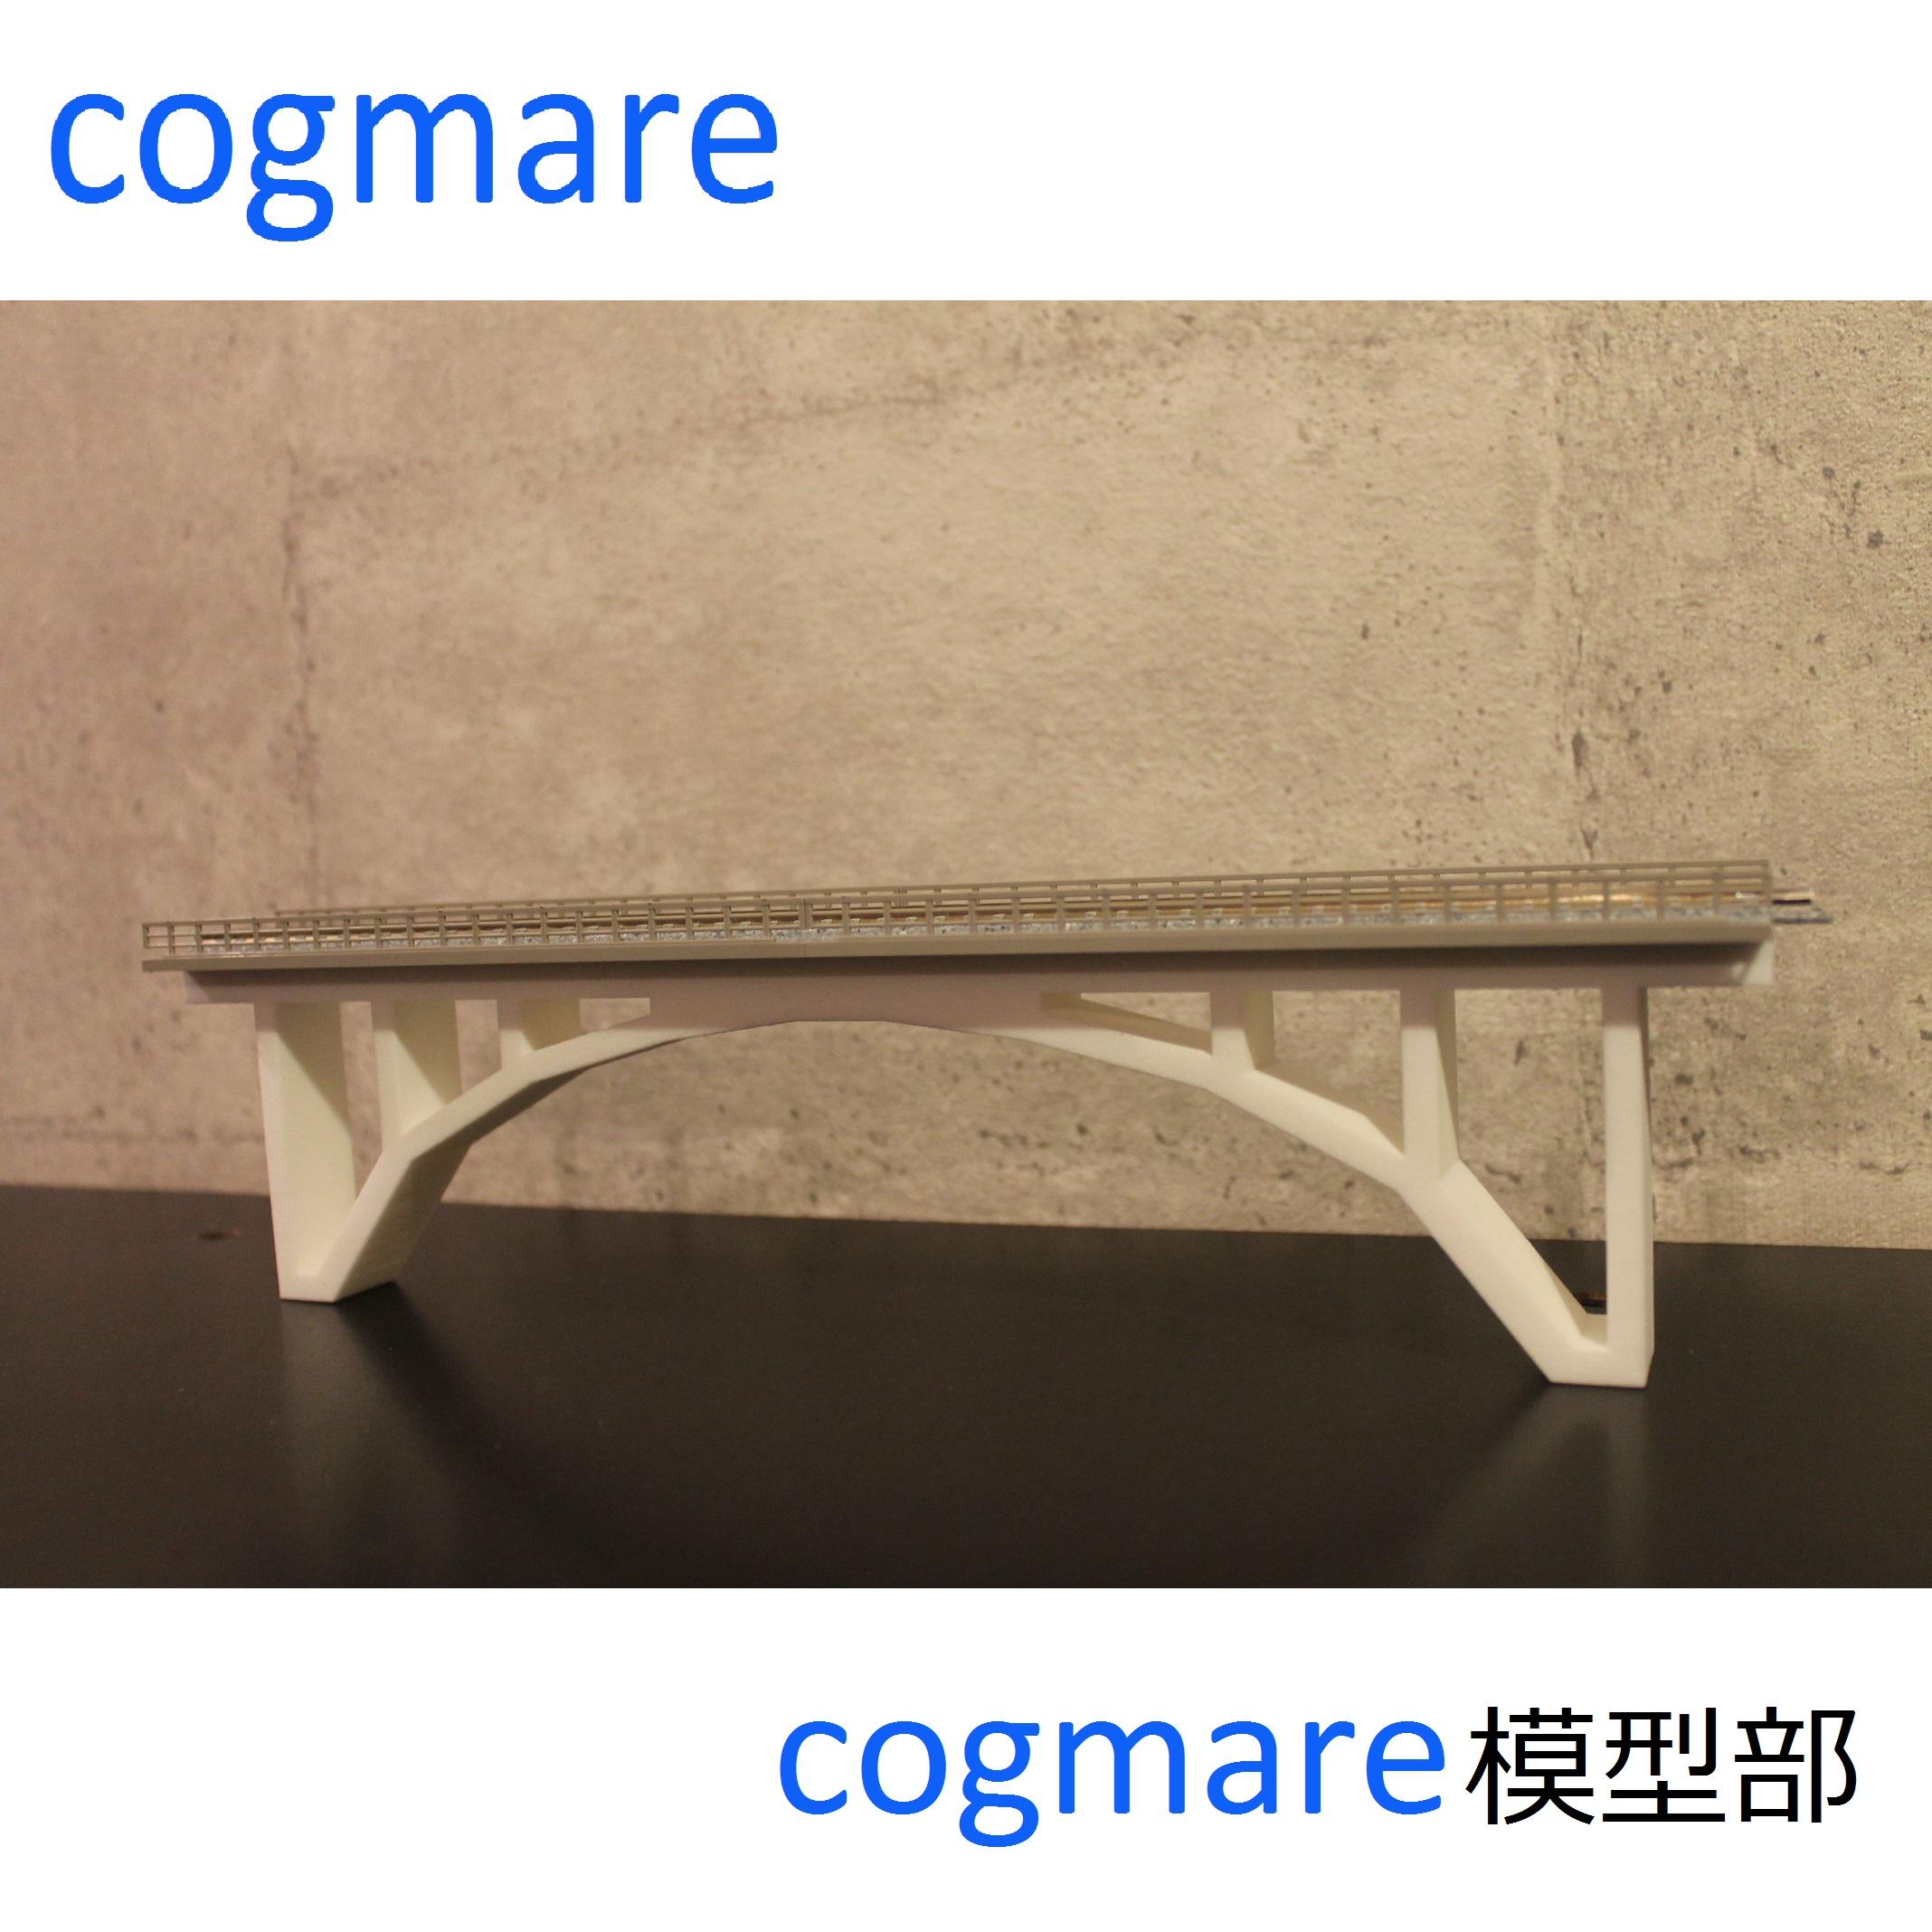 cogmare模型部